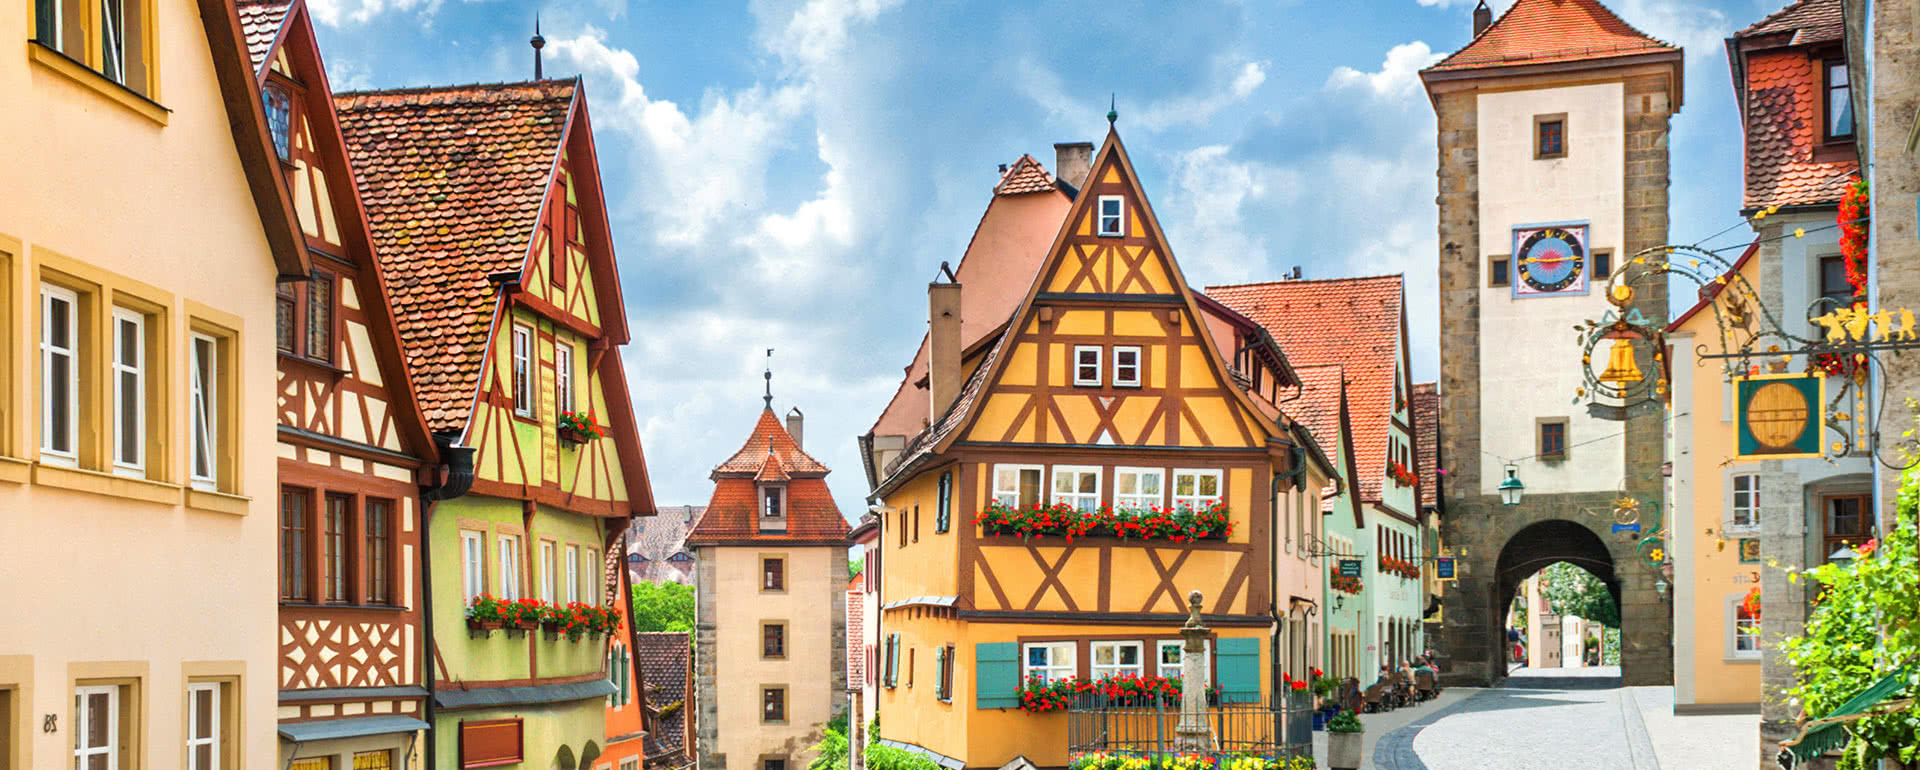 Titelbild von Rothenburg ob der Tauber